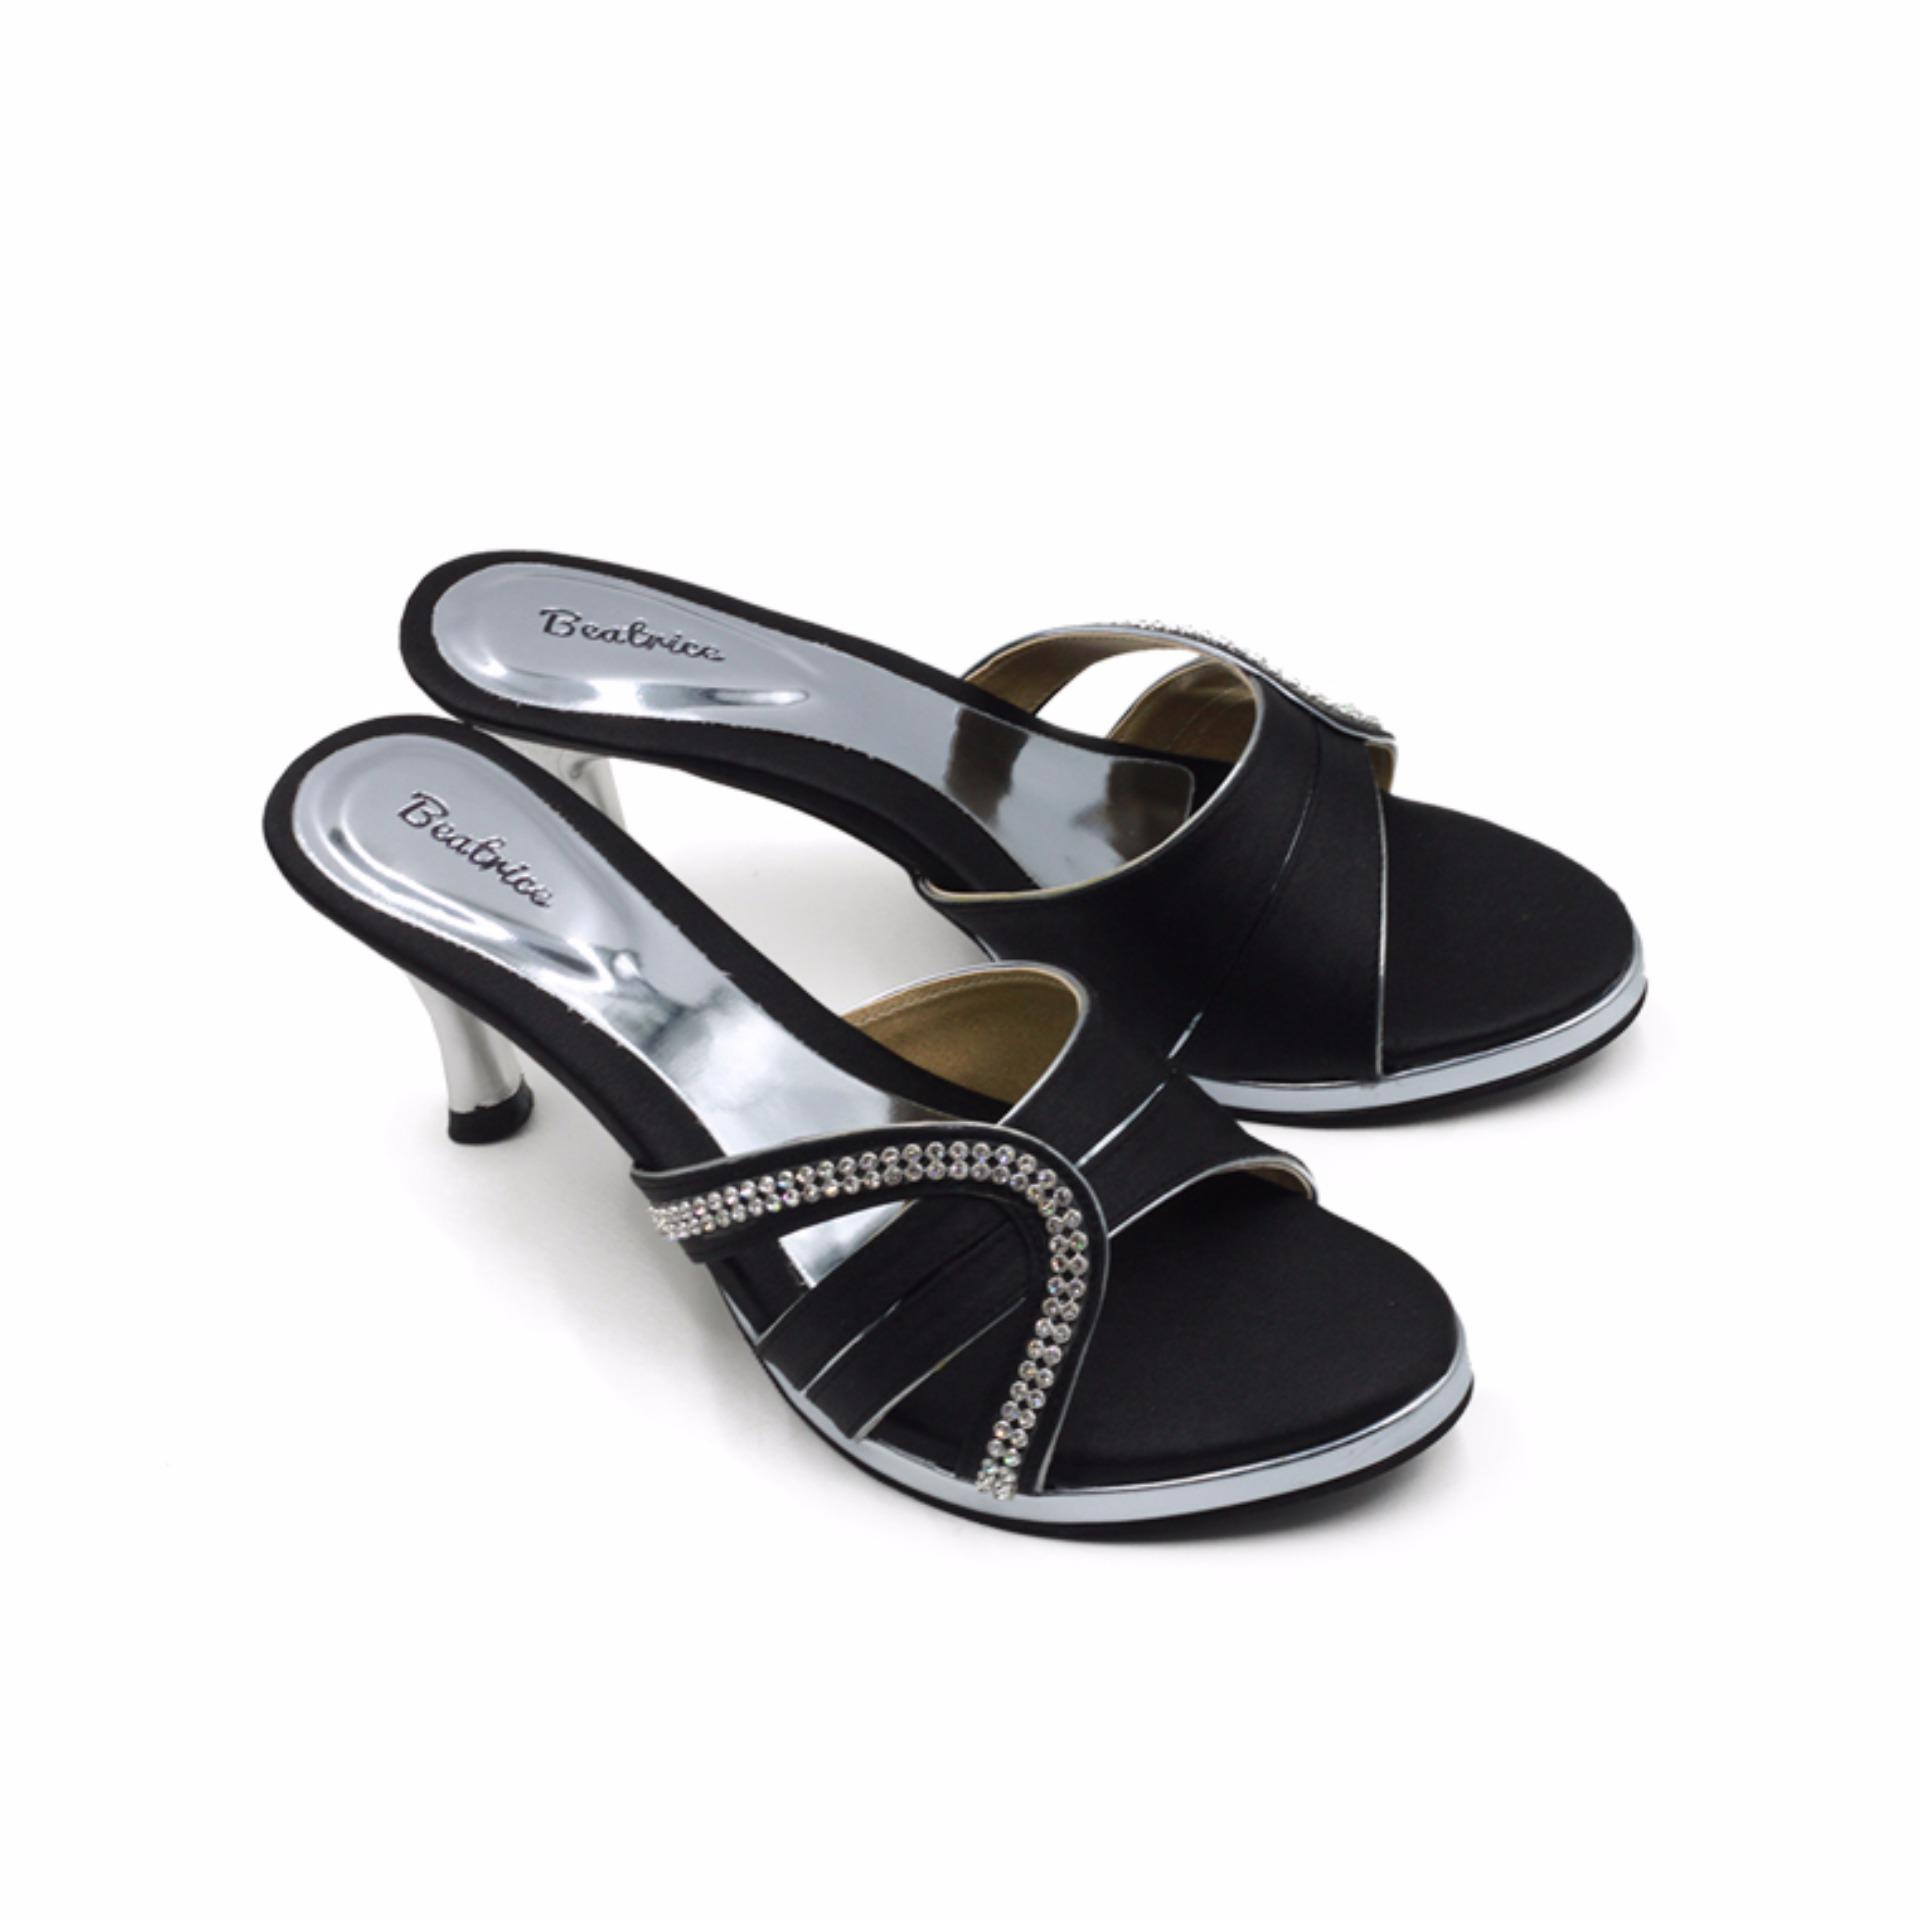 Beli Beatrice Heel Sandals Hak 7 Cm Md 705 Hitam 36 41 Online Murah